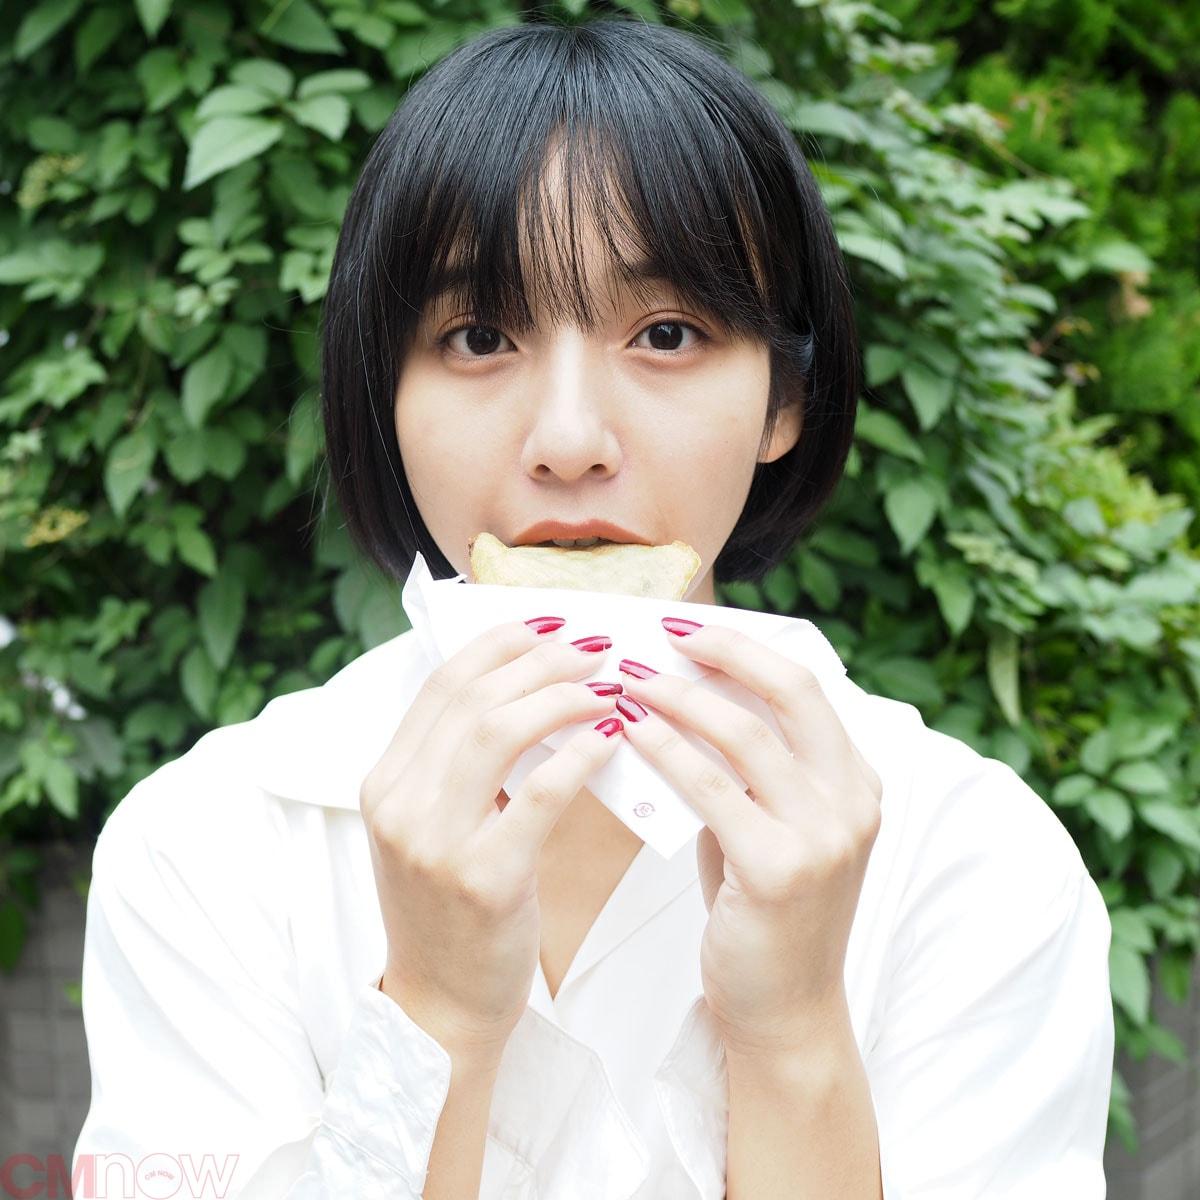 注目の若手モデル・女優、山之内すずちゃん CMNOW撮り下ろし先行公開 ...